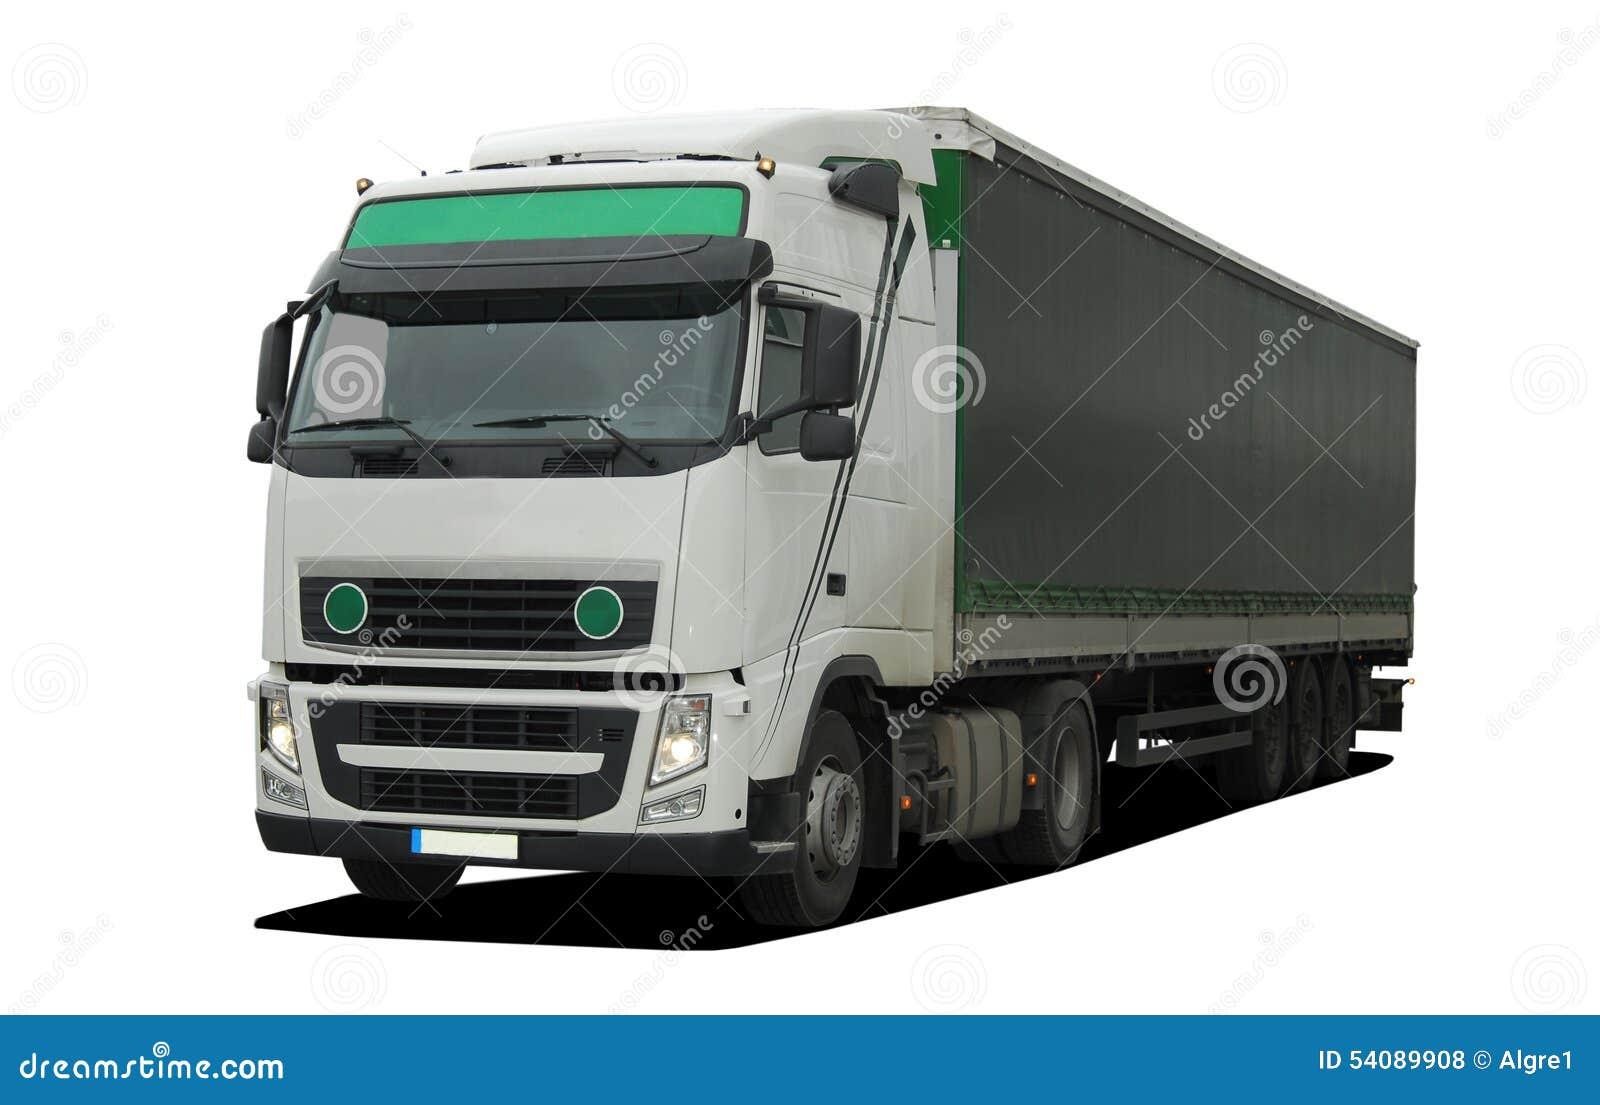 Grote vrachtwagen met semi aanhangwagen